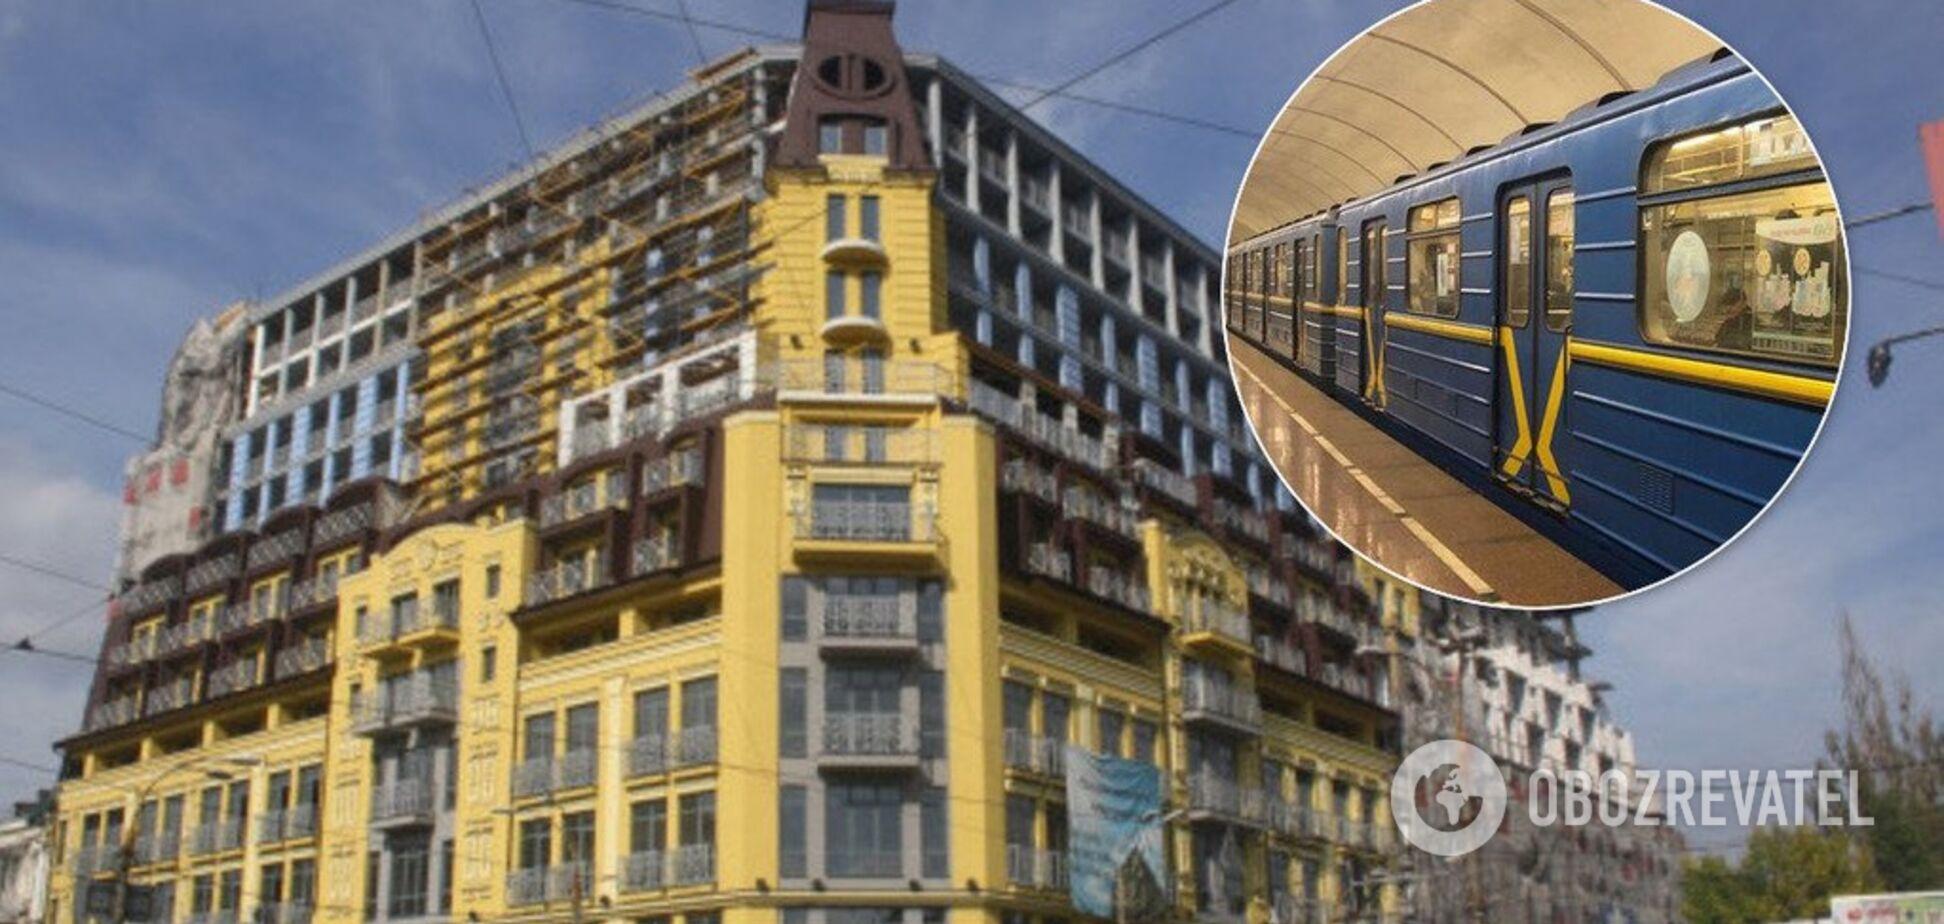 У Києві забили на сполох через 'будинок-монстр'